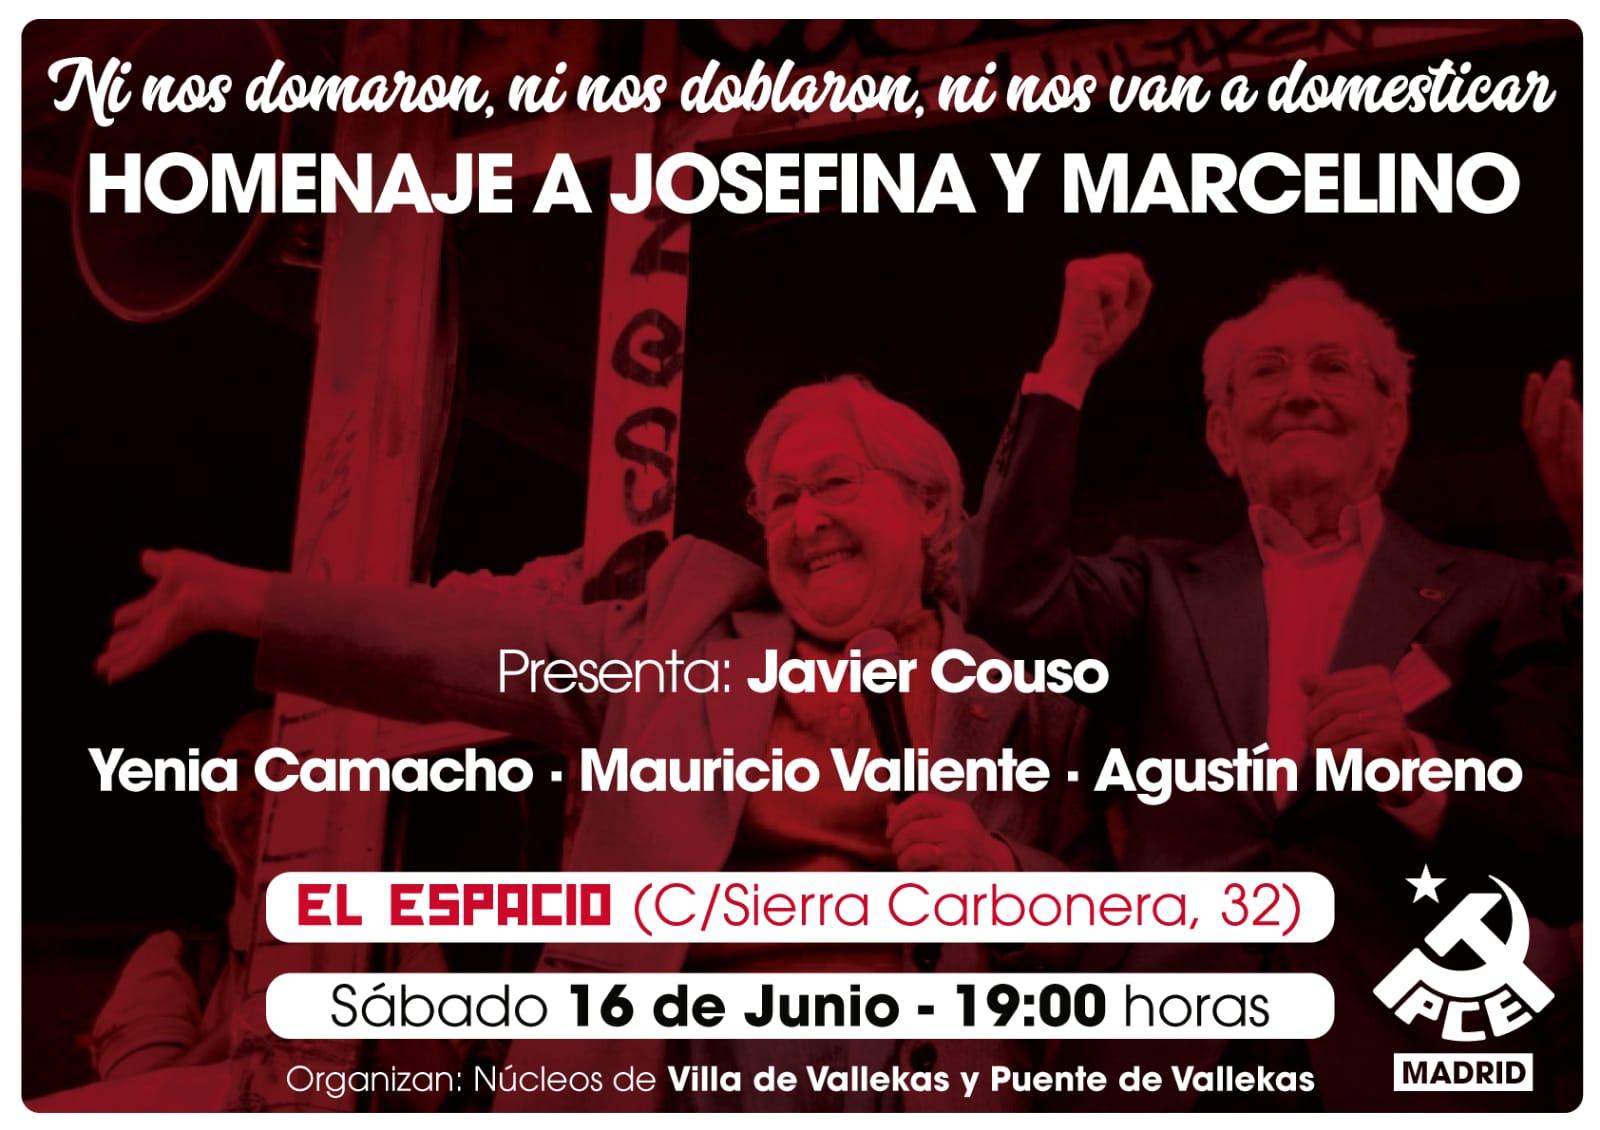 Homenaje a Marcelino Camacho y Josefina Samper